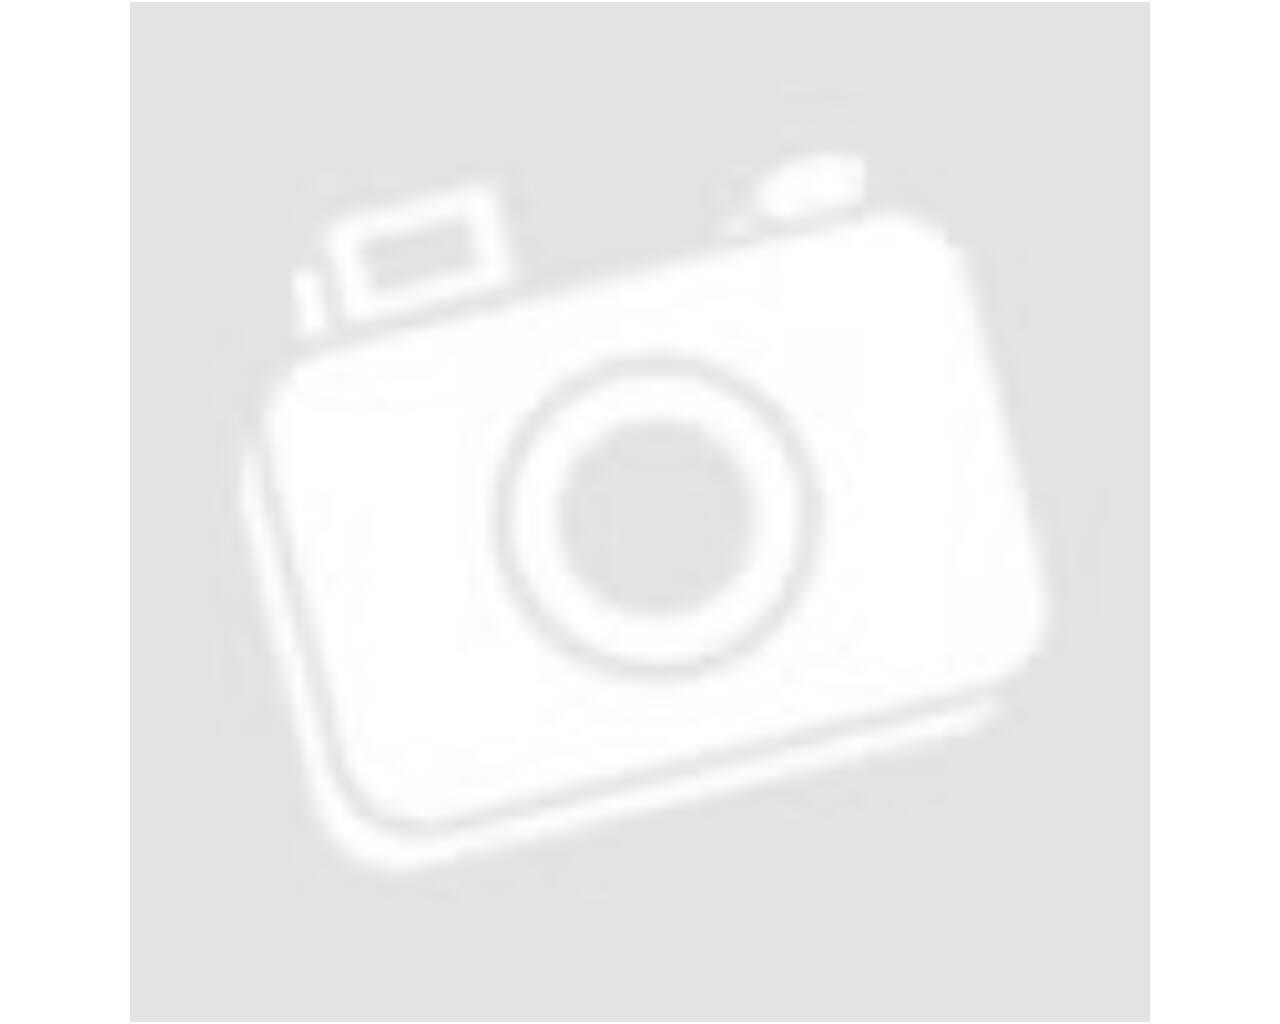 Cleo mosdókagyló, fehér, lekerekített, 56 cm